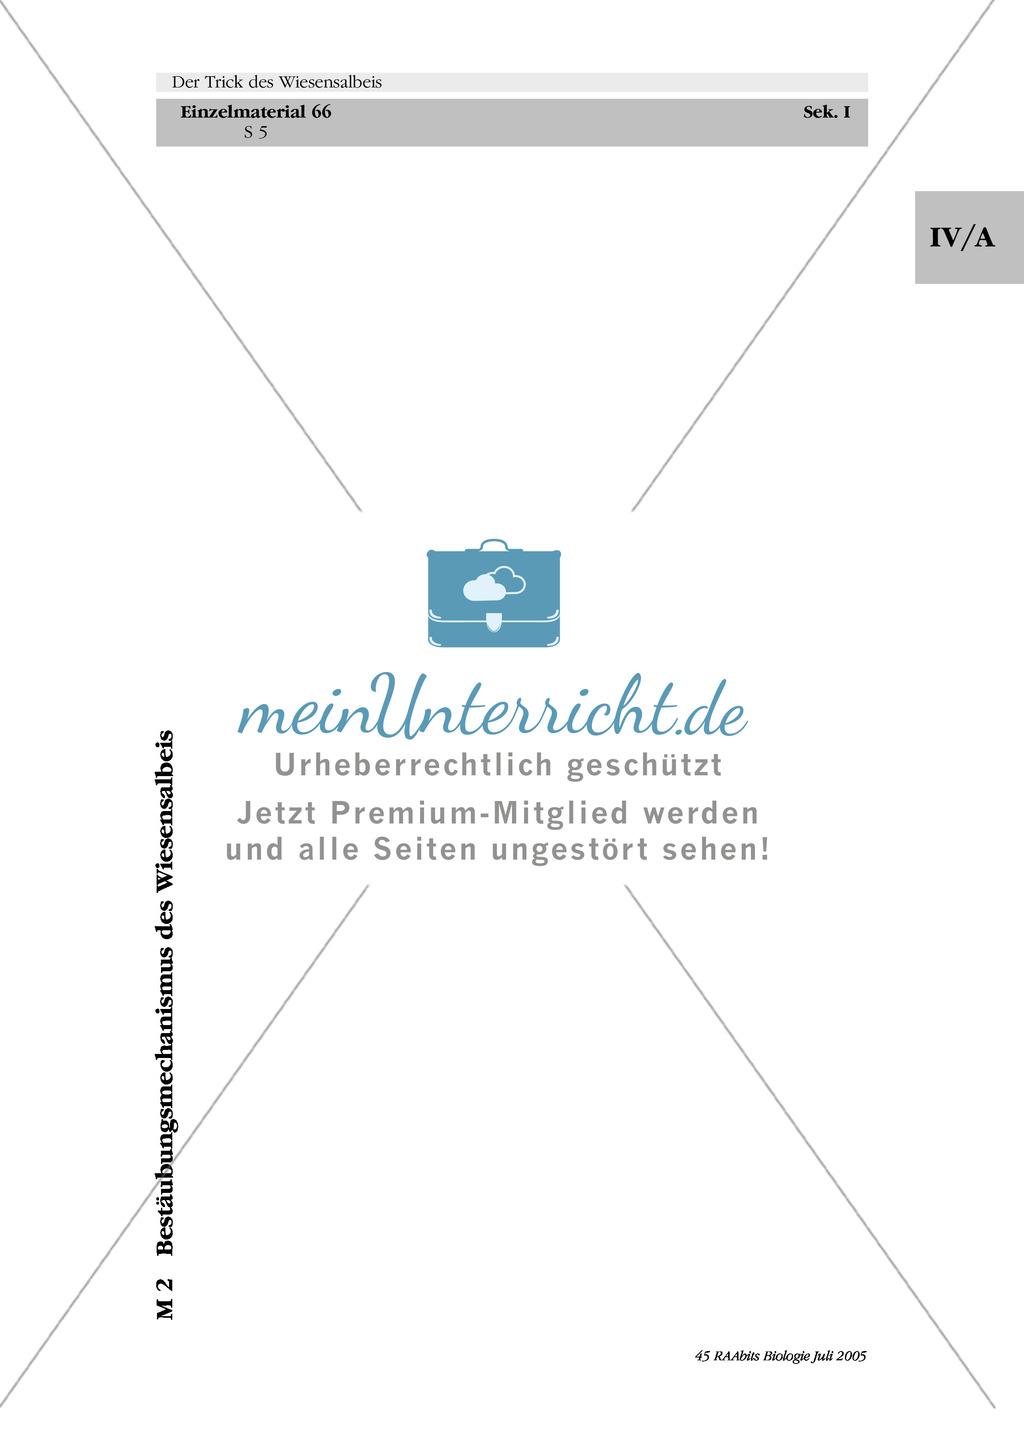 Wiesensalbei - ein Vertreter der Lippenblütler: Lage der Ober- und Unterlippe der Blüte + Bestäubungsmechanismus Preview 2